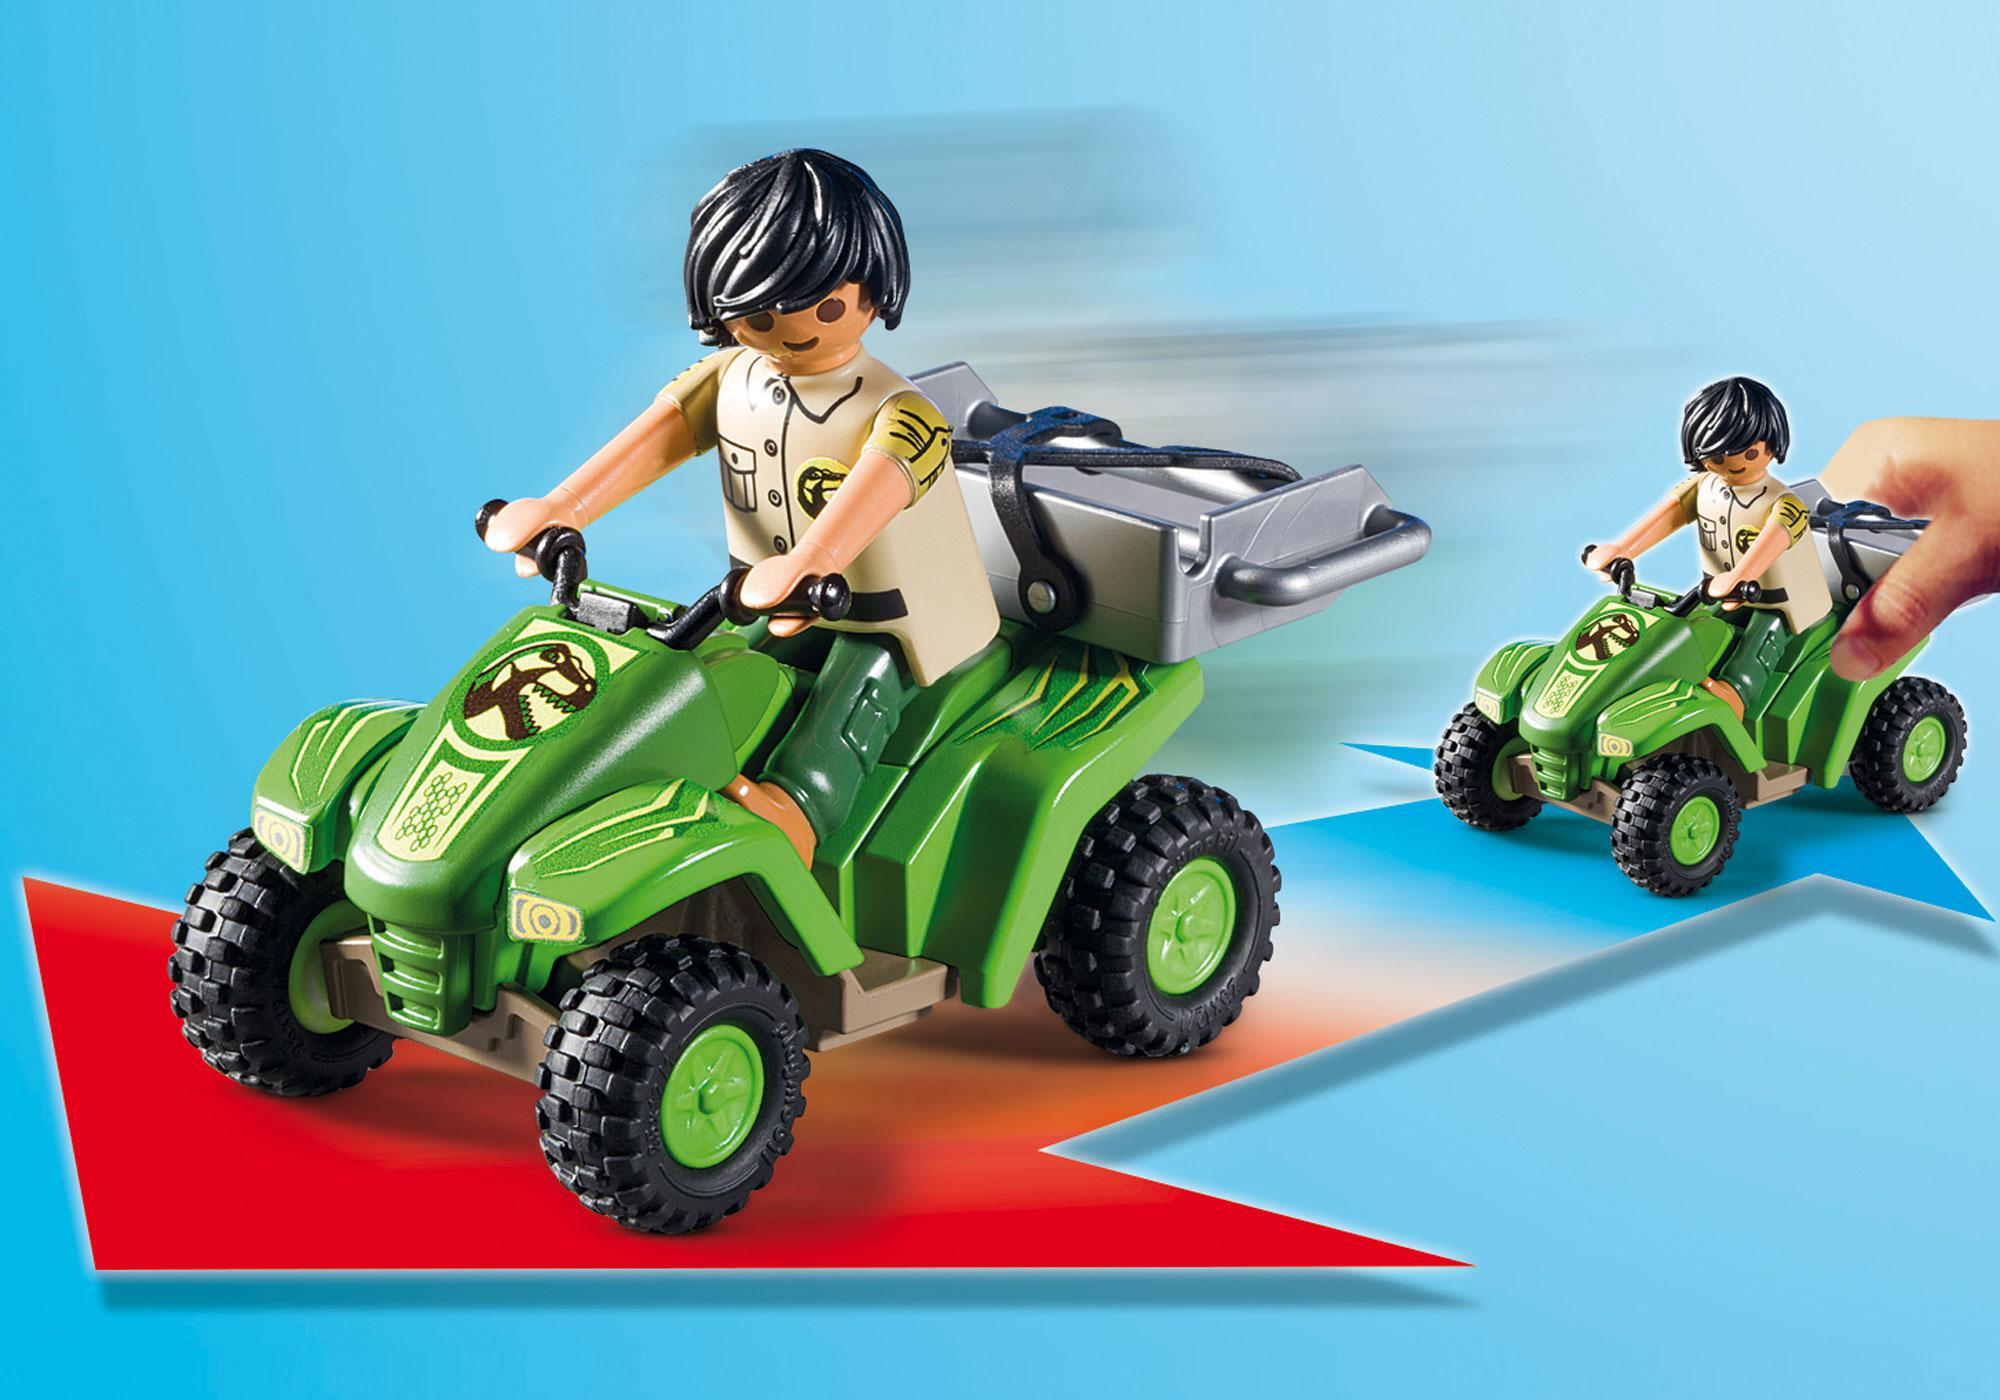 http://media.playmobil.com/i/playmobil/9231_product_extra1/Explorer Quad with T-Rex